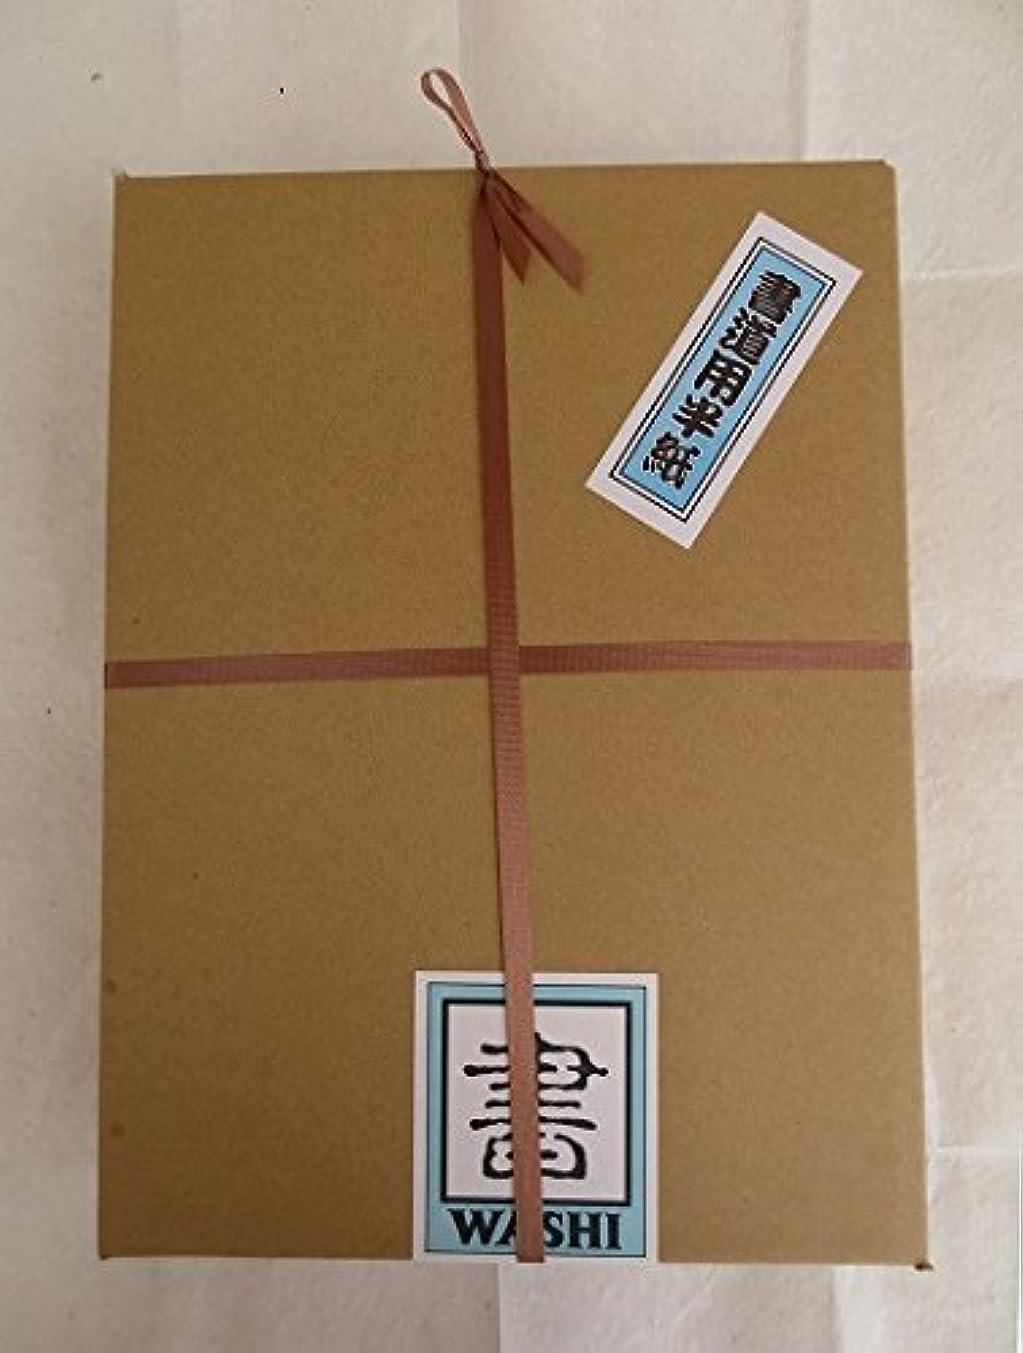 プロテスタントブラケット最も早い和紙のイシカワ 清書半紙 白鶴 約 240mmx330mm 1000枚包 WAHAKUTSURU